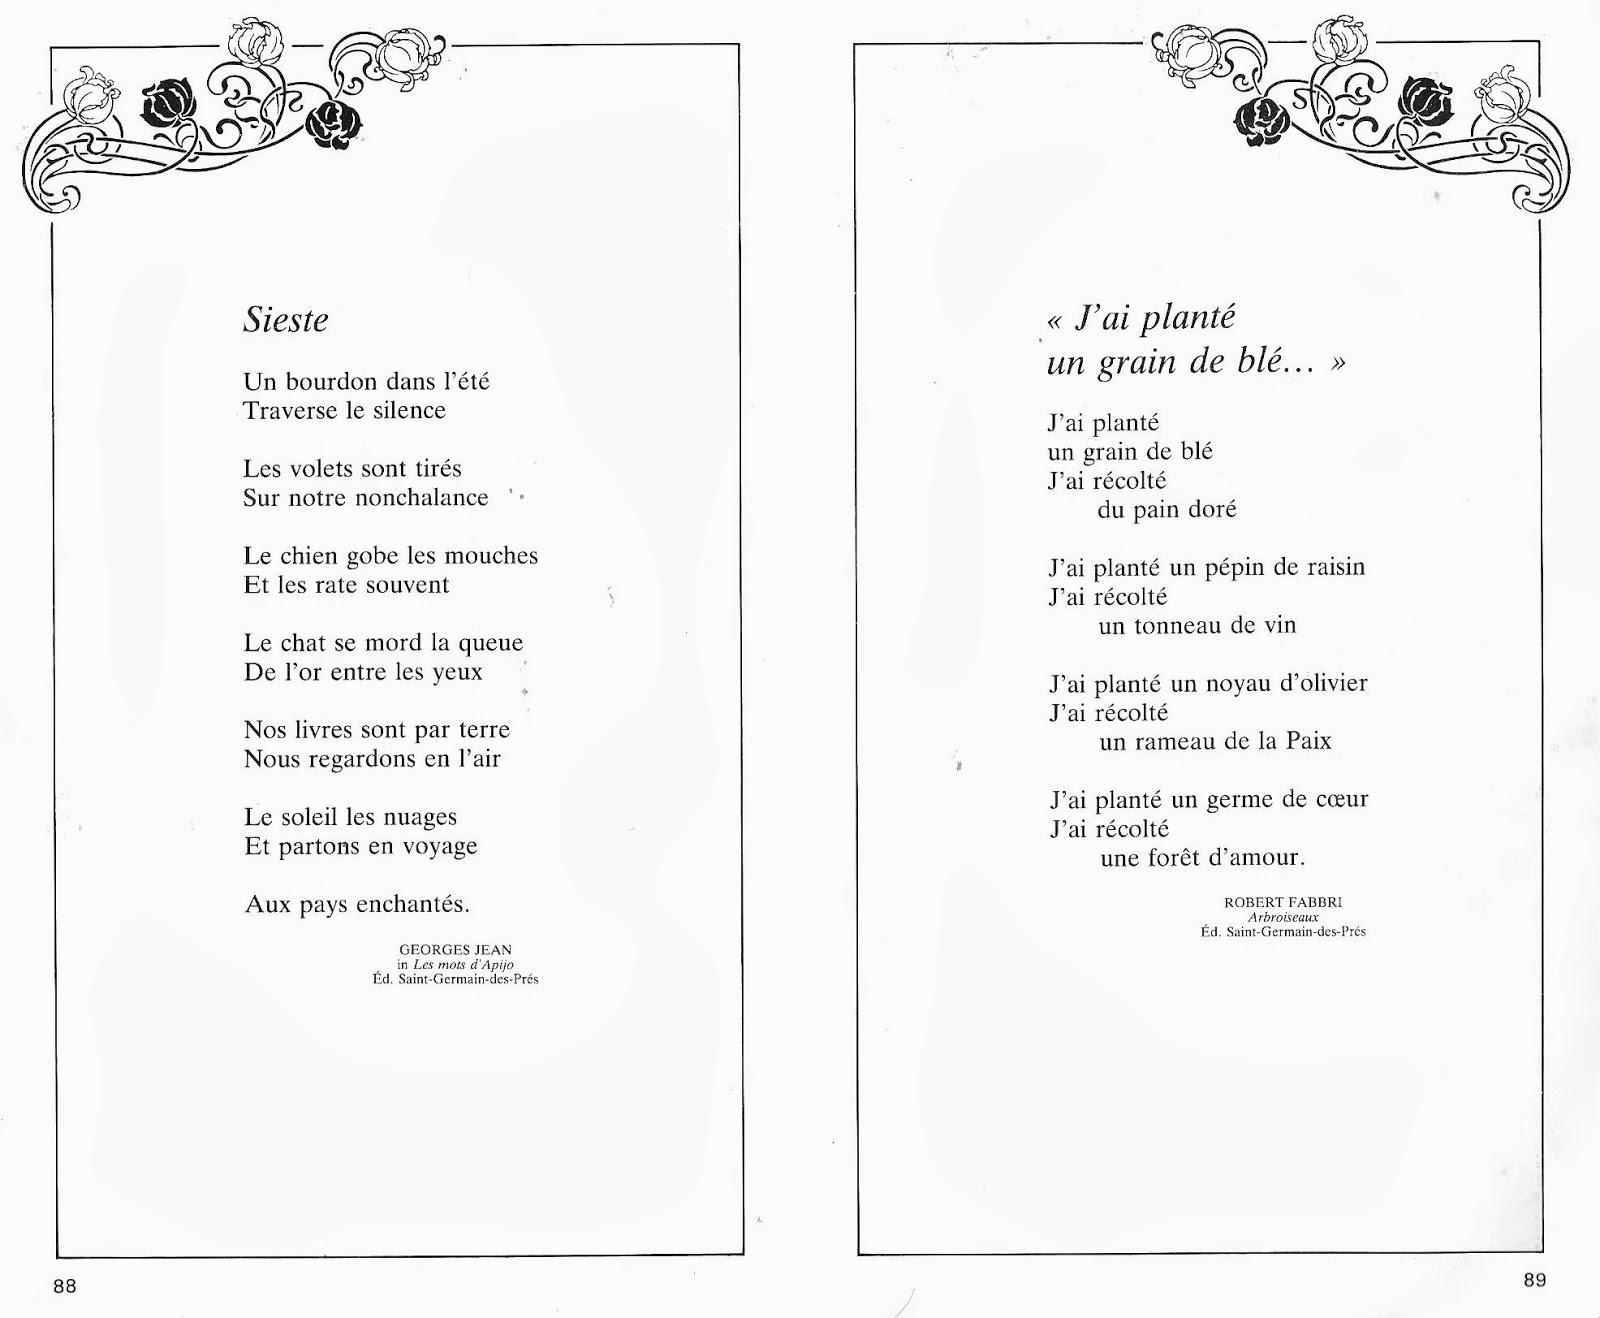 Manuels Anciens: Renault, Laurent, 100 Poèmes Pour Les intérieur Vive Les Vacances Poeme Pour Enfant